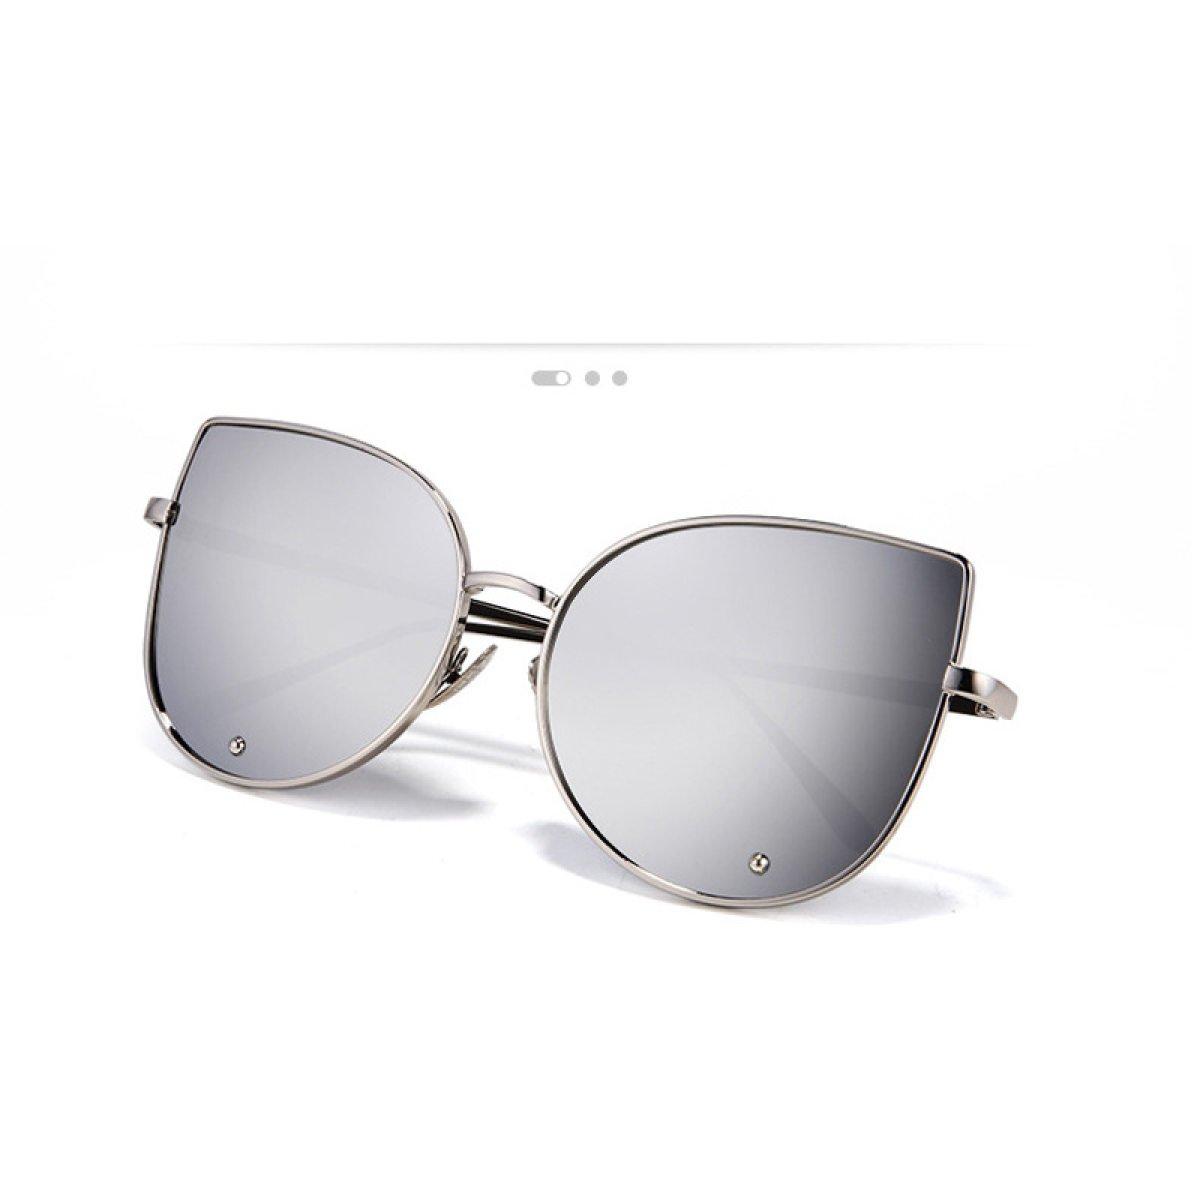 Die Neue Frau Auge Des Metall Katze Sonnenbrille,A1